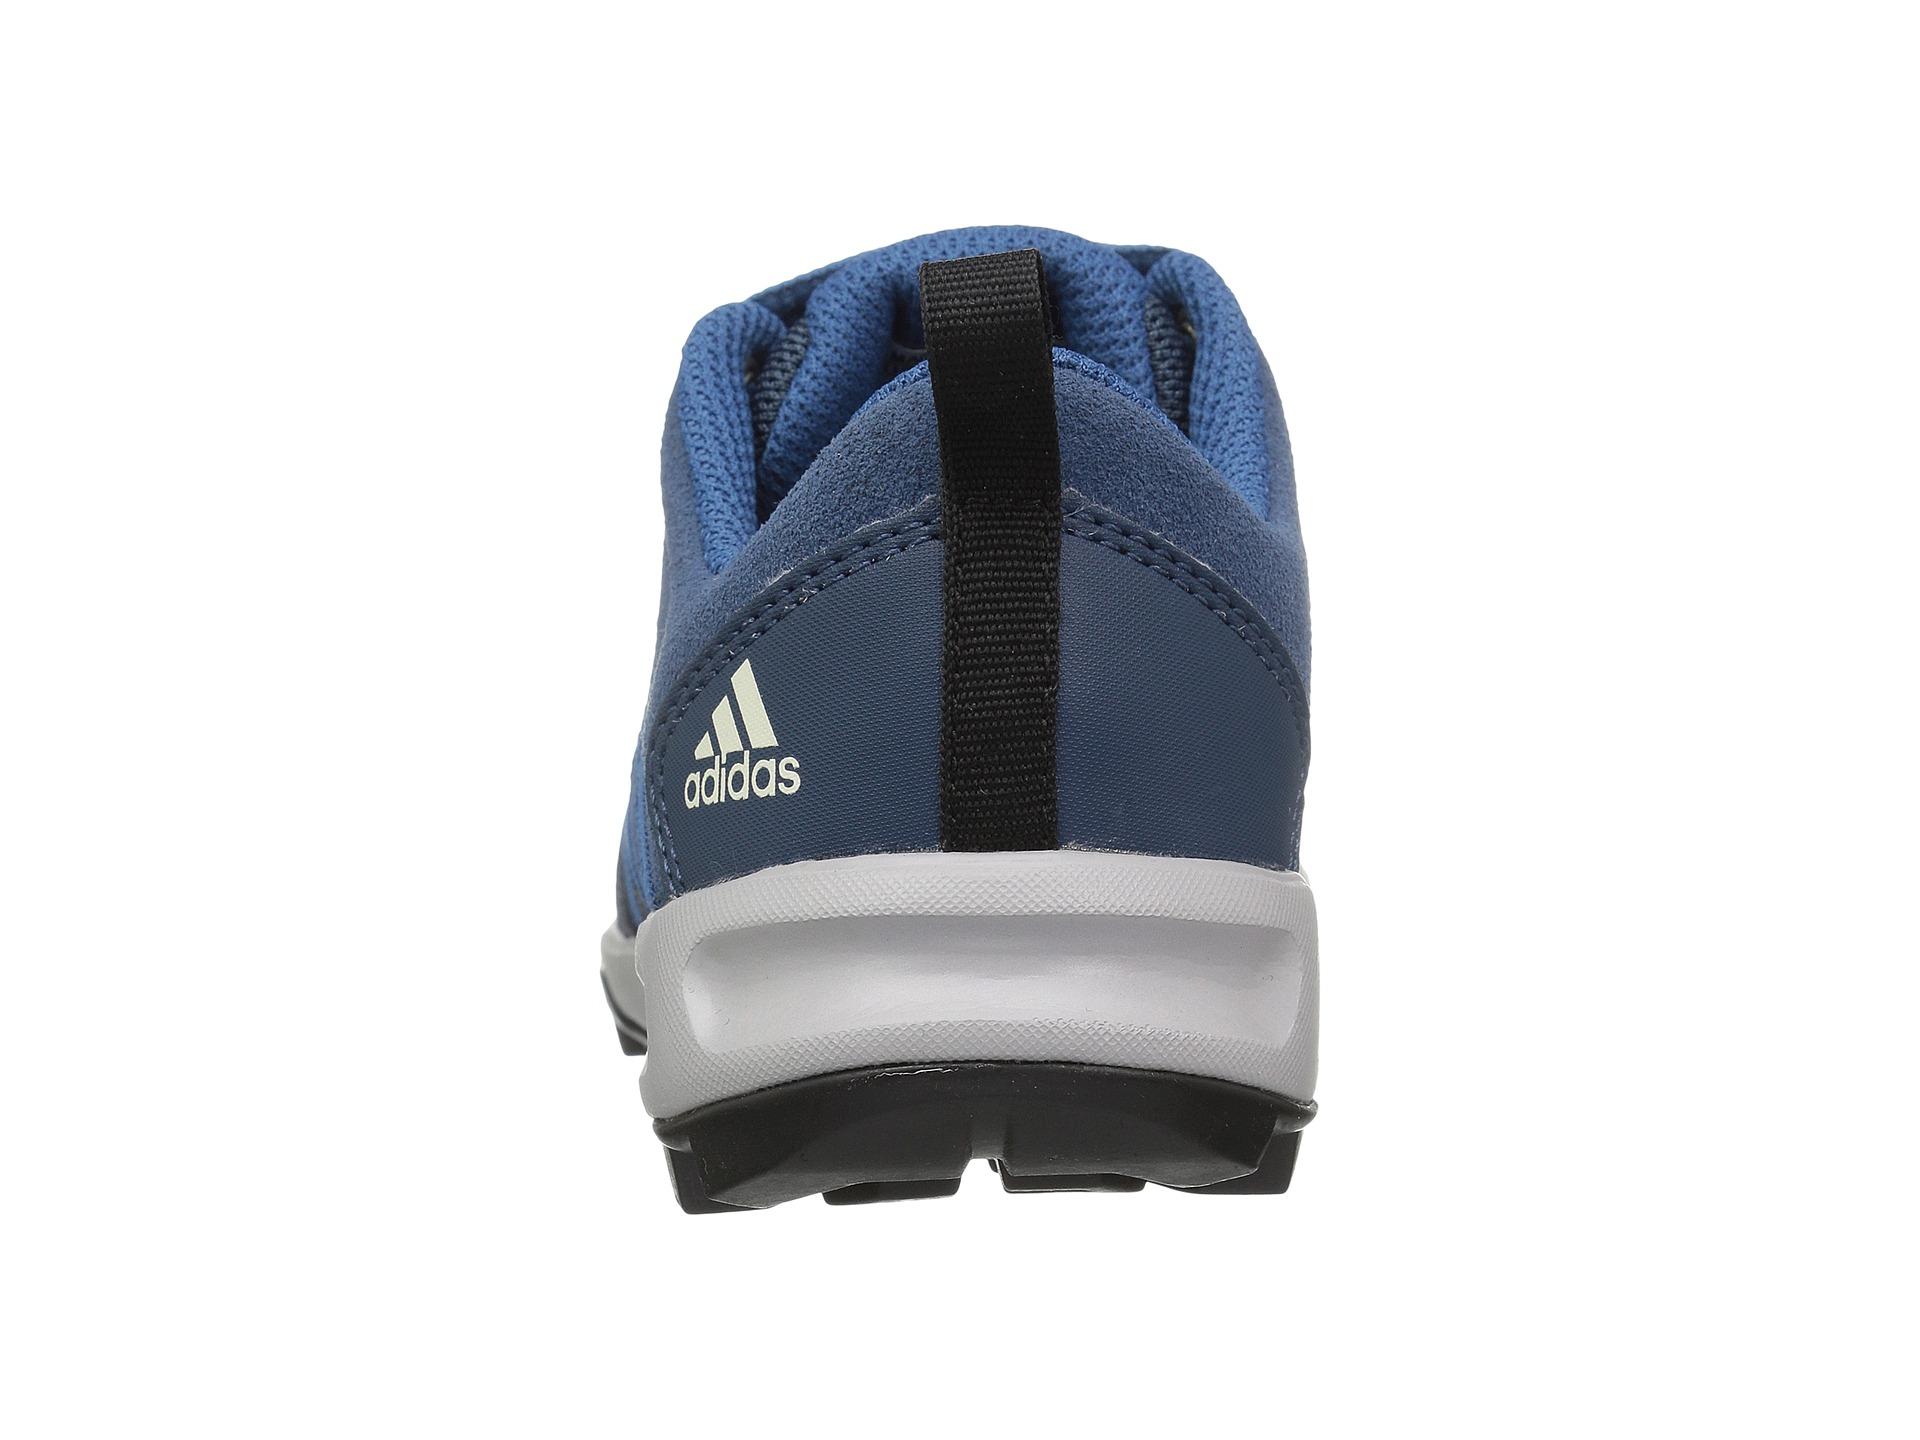 Adidas Outdoor Kids Tivid Leather Little Kid Big Kid